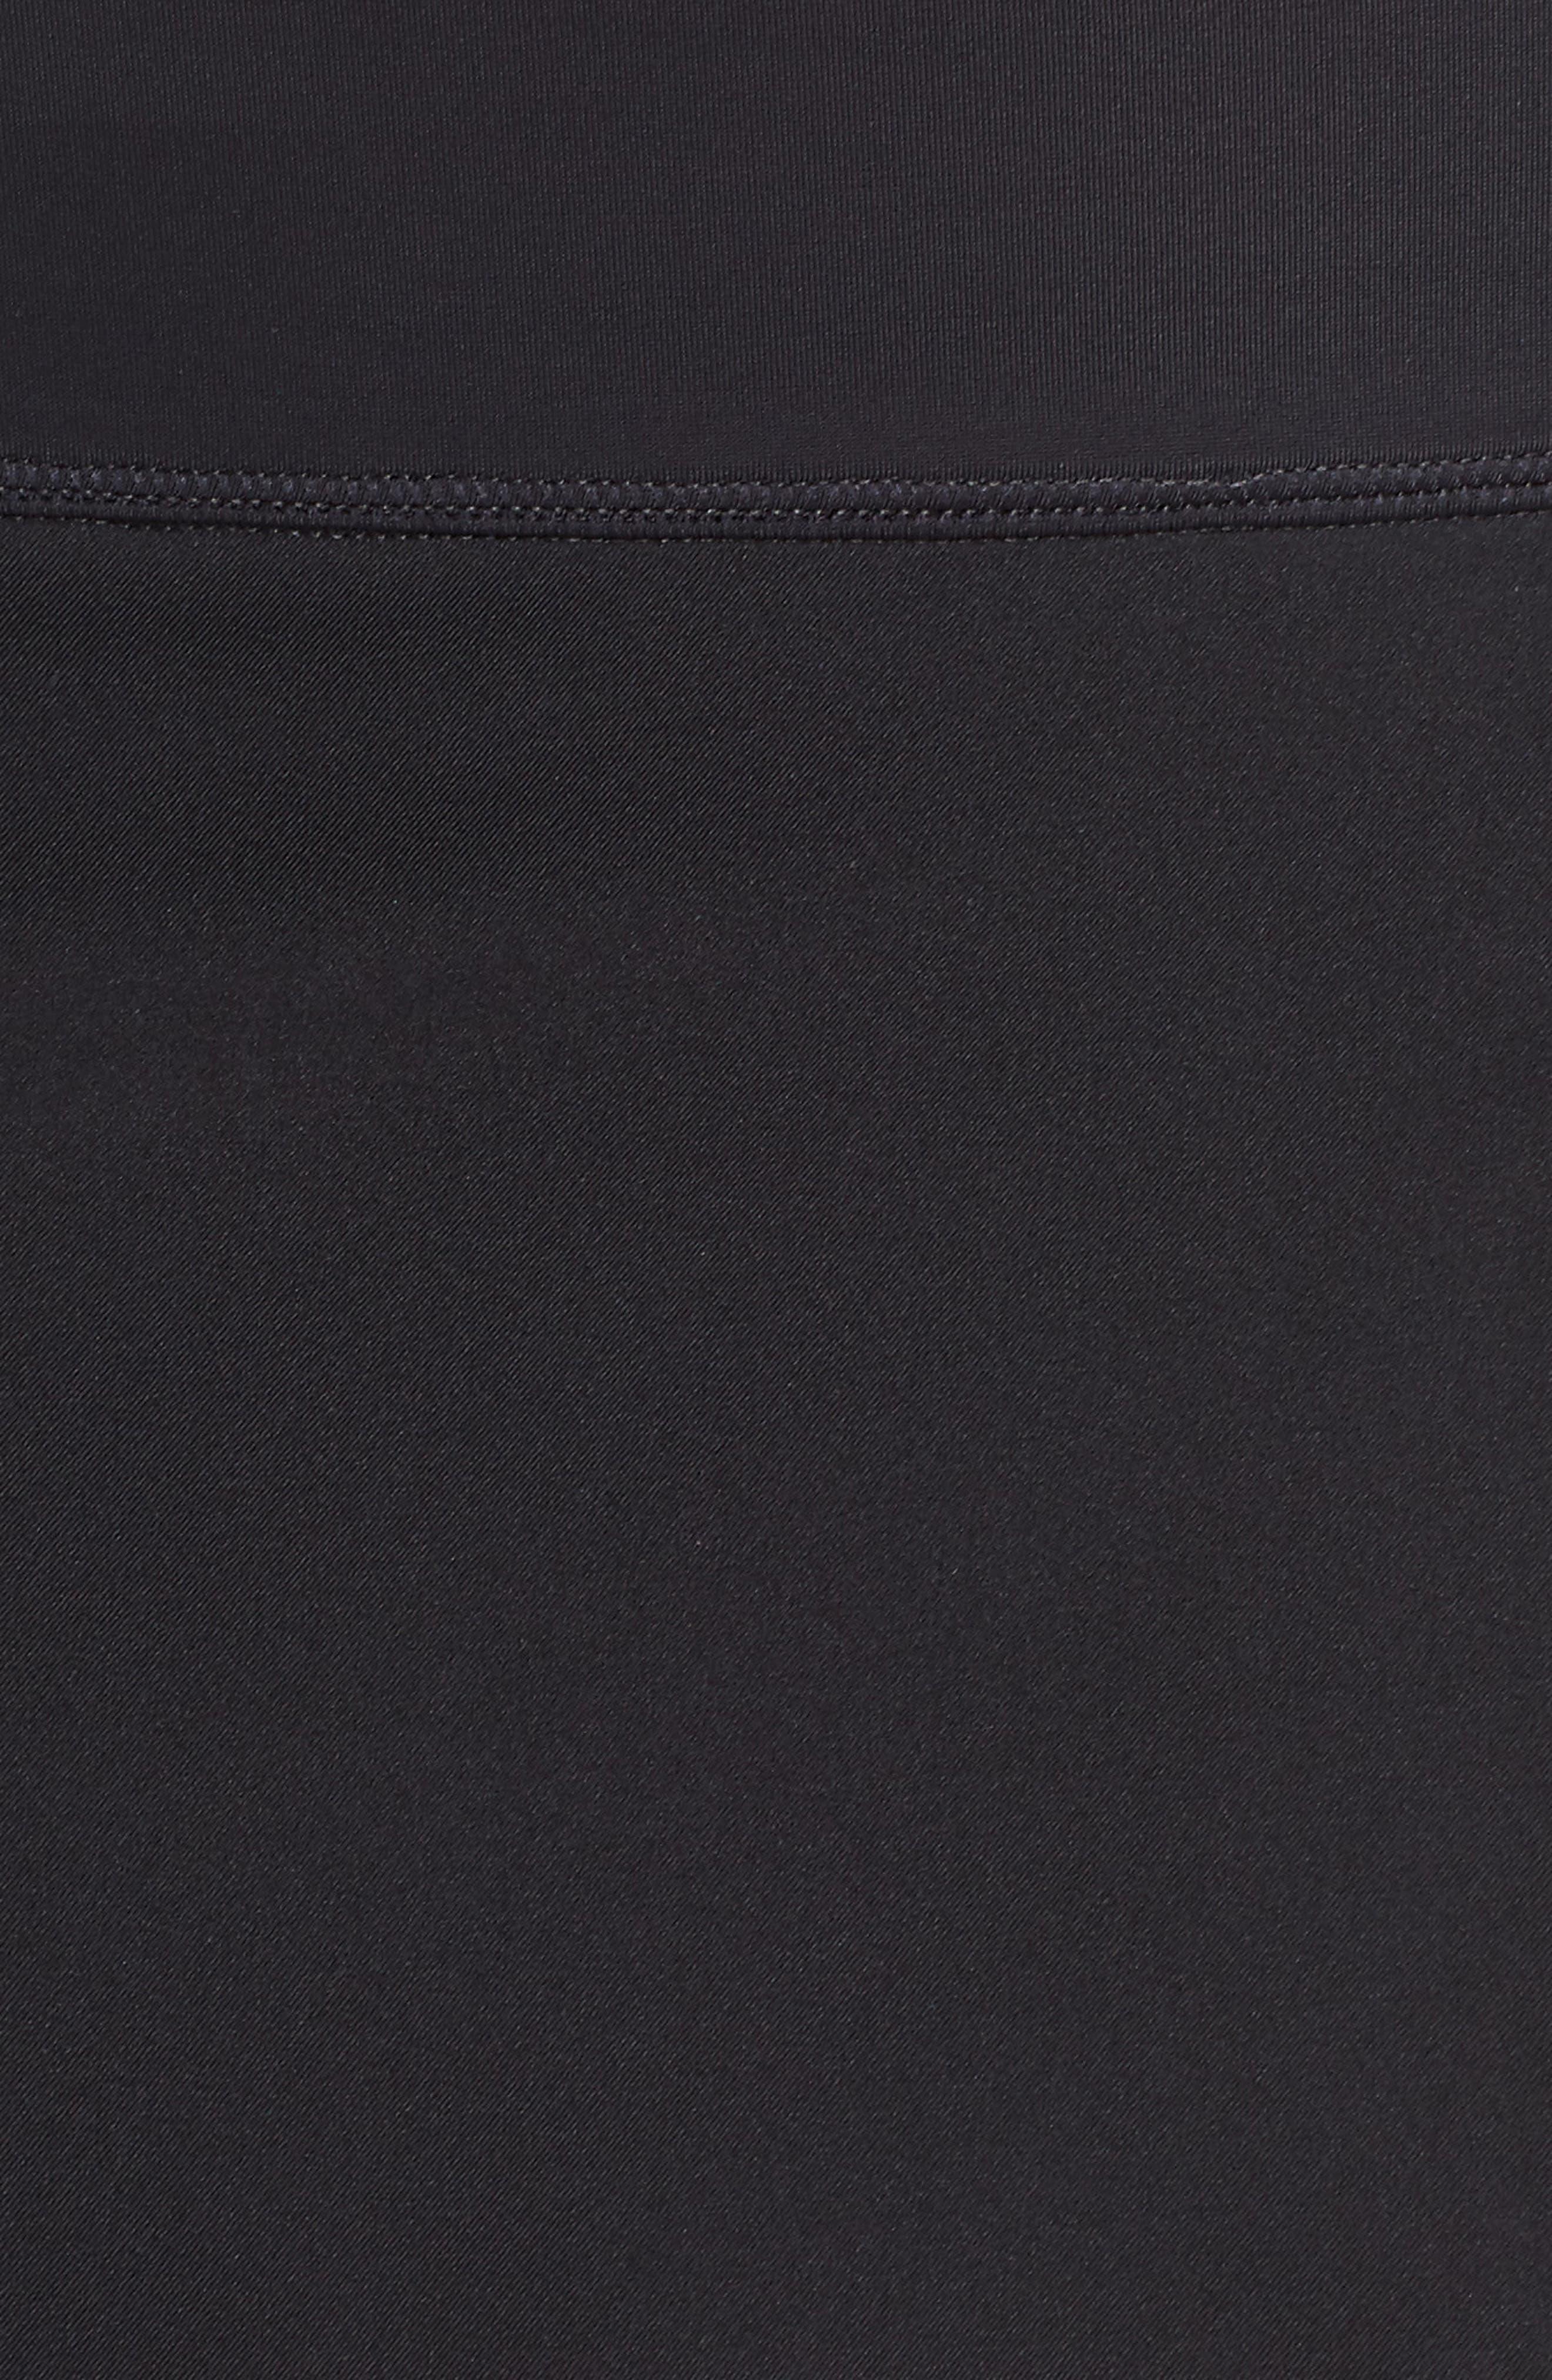 Swim Board Skirt,                             Alternate thumbnail 5, color,                             BLACK